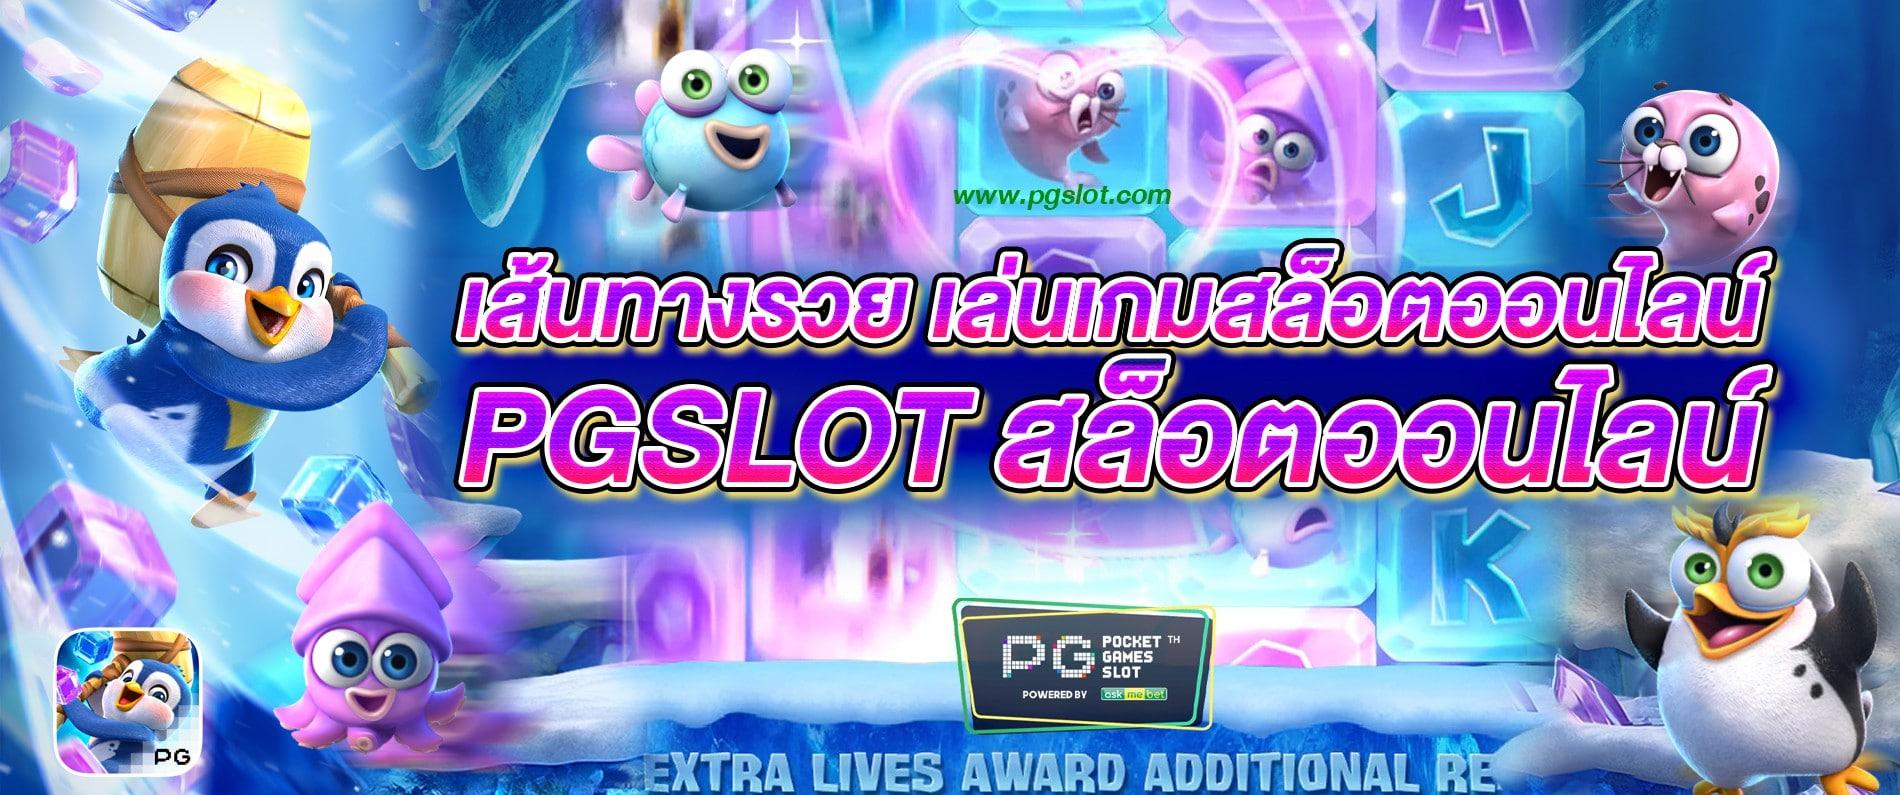 pg-slot (4)